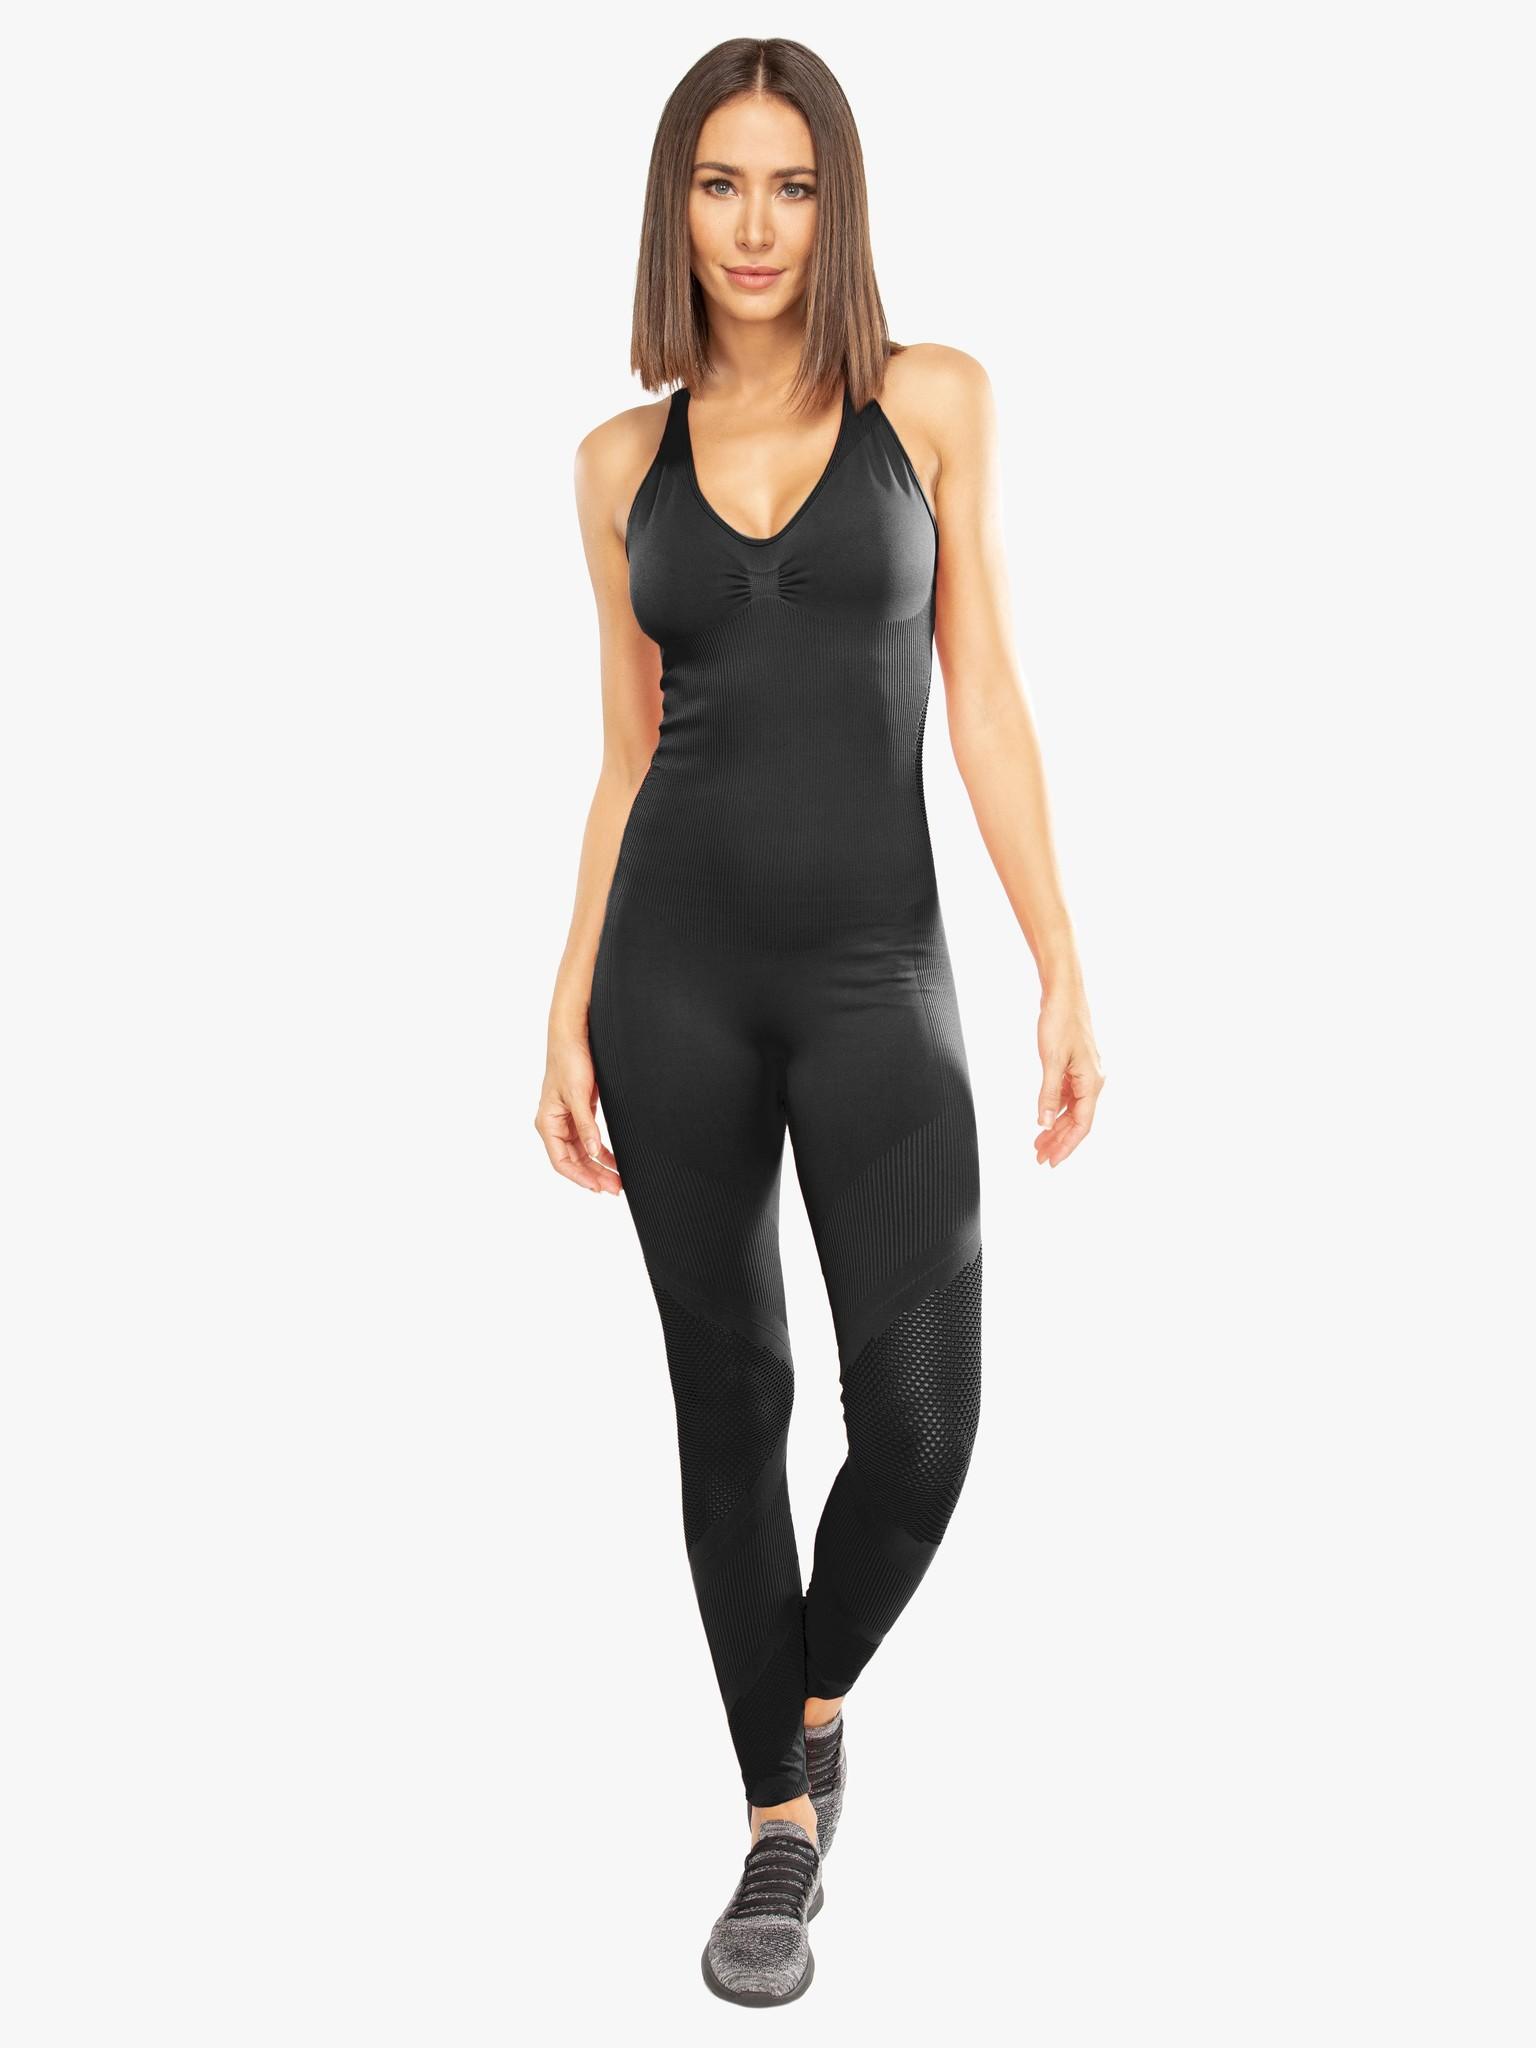 Koral Activewear Fara Seamless Jumpsuit